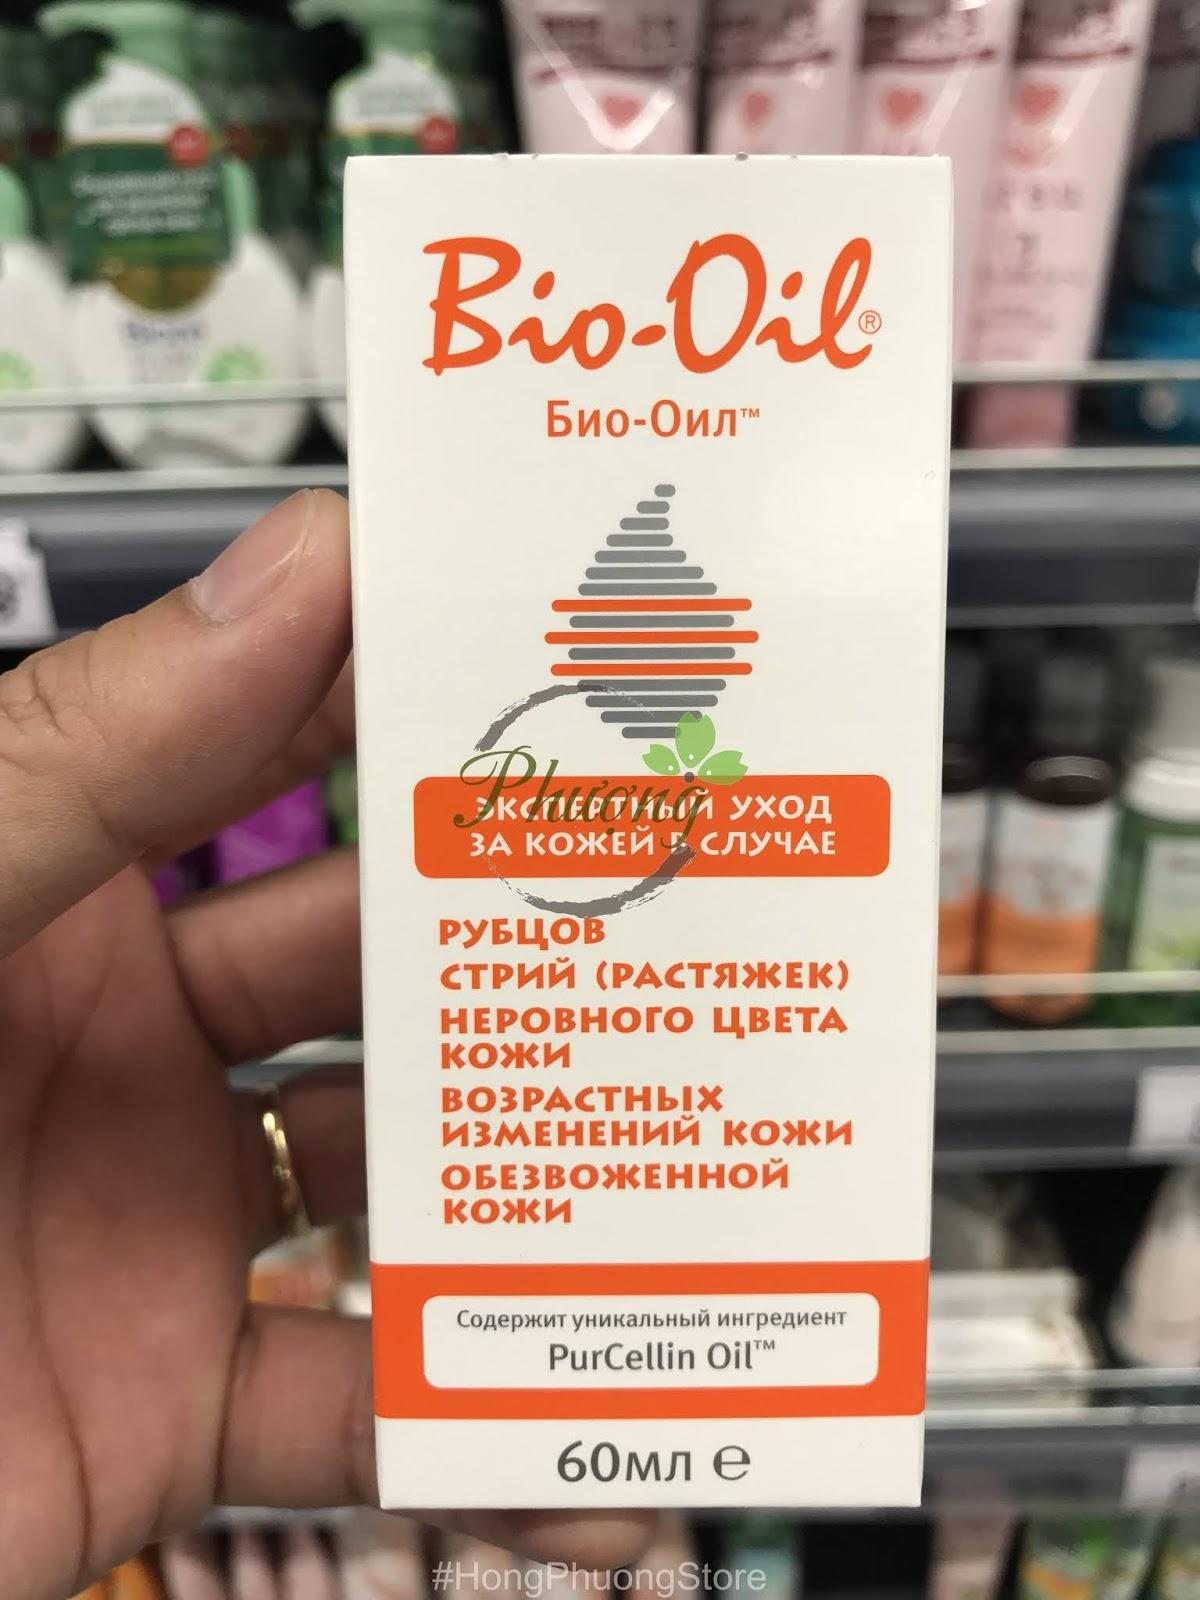 Tinh dầu Bio Oil 60ml giúp trị rạn da, làm mờ sẹo